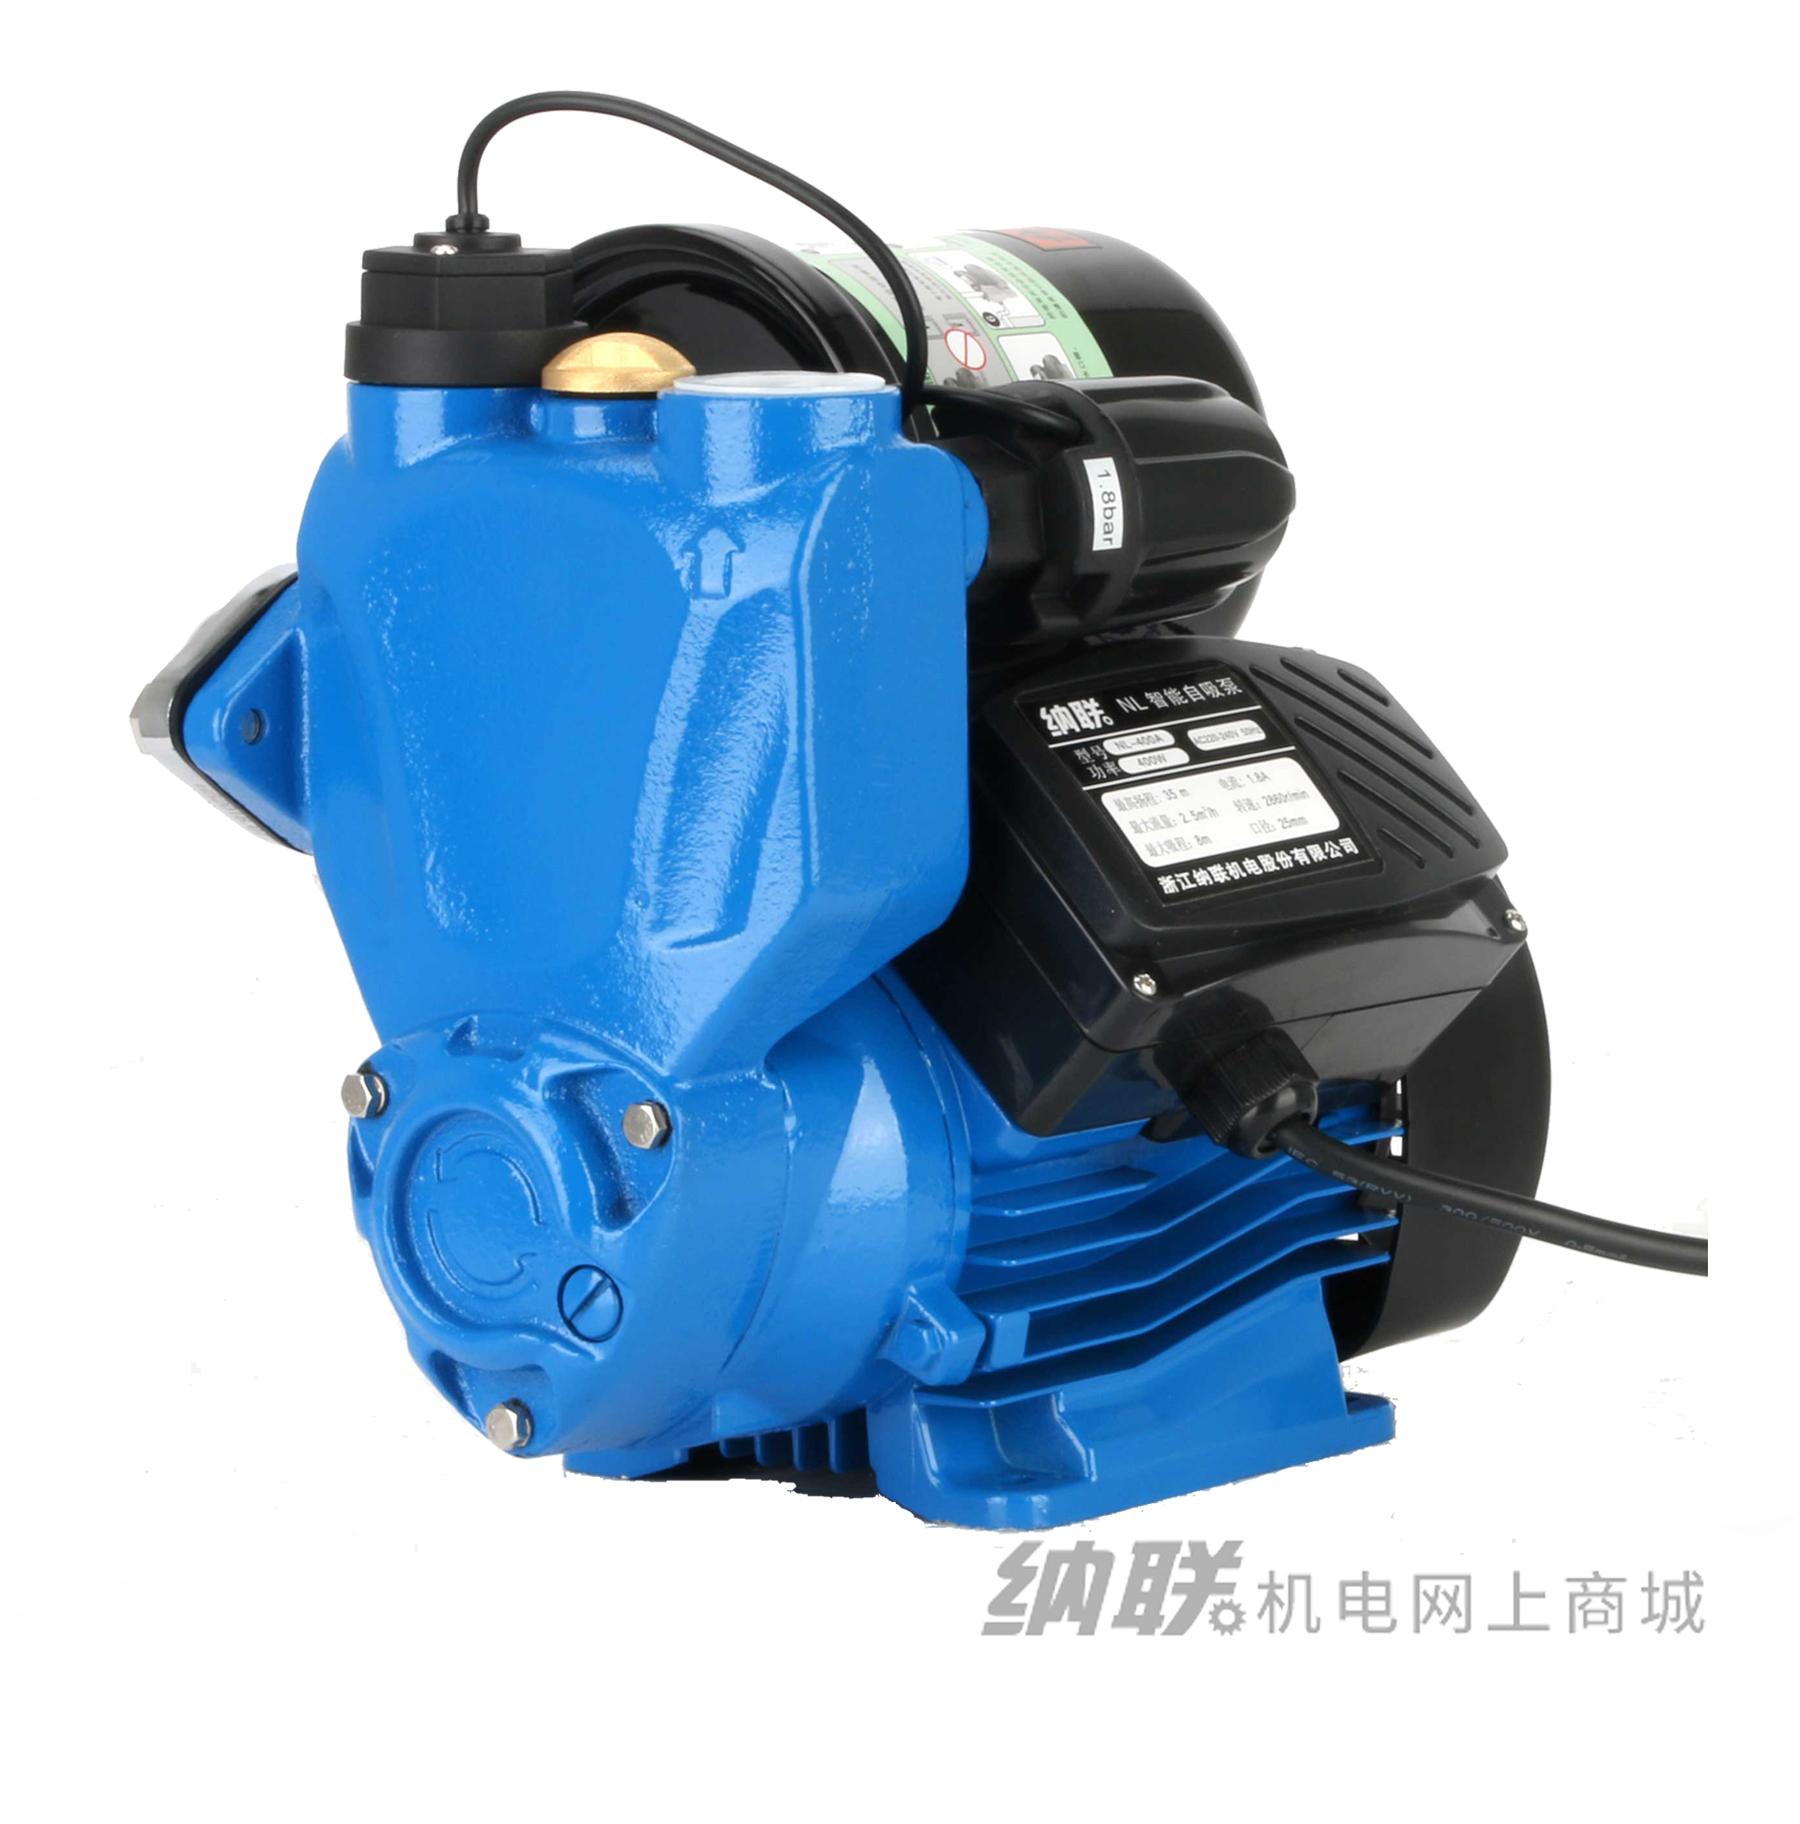 纳联机电 智能全自动自吸泵-NL-1100A(小压力罐)